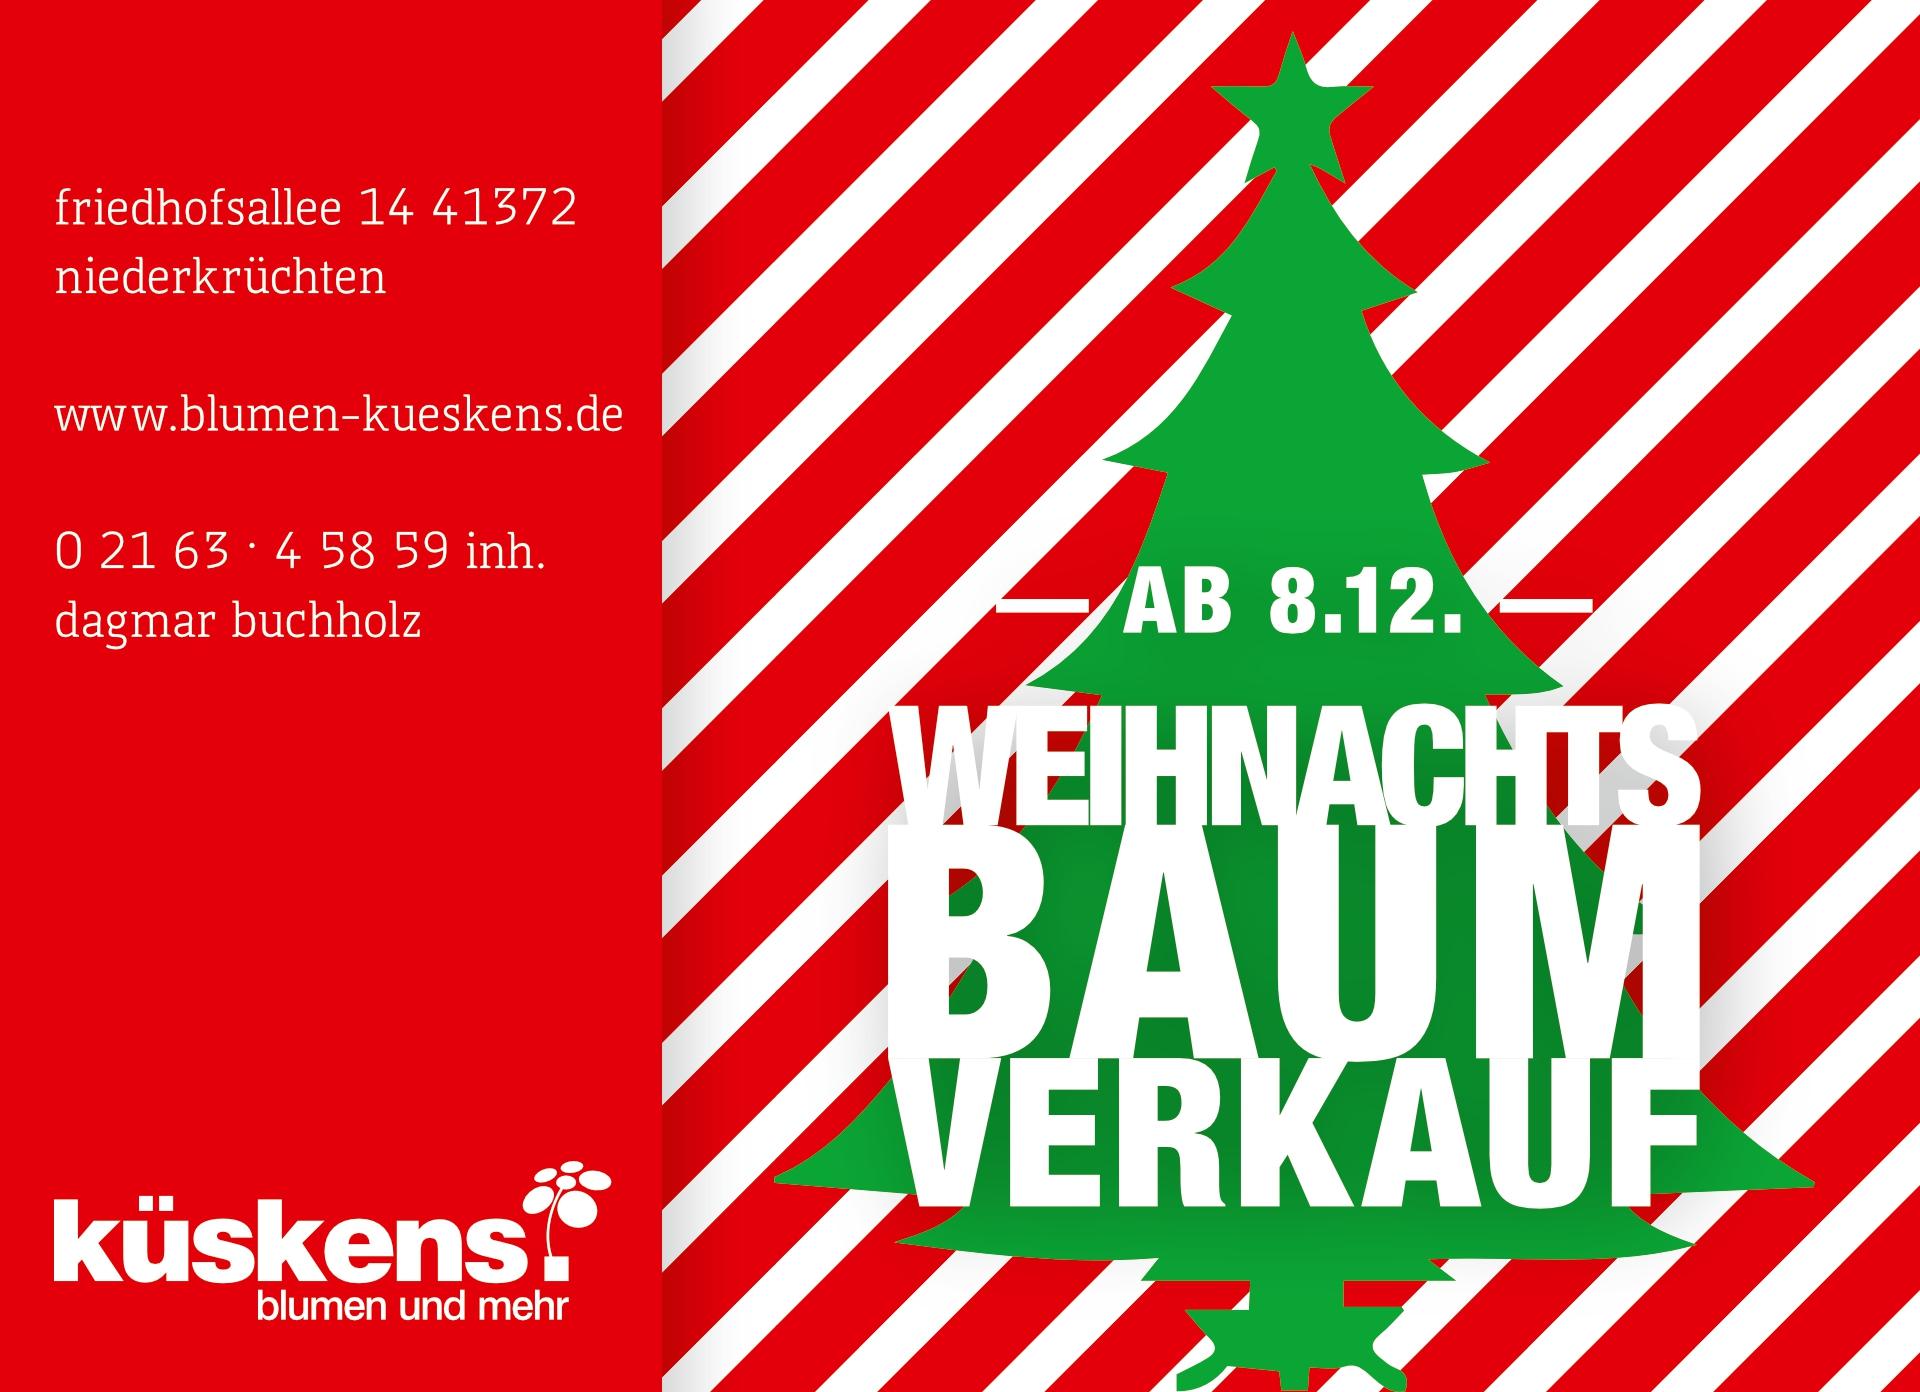 20151018-blumen-kueskens-weihnachtskartedinlang-noglow_3-weihnachtsbaum_extratipp